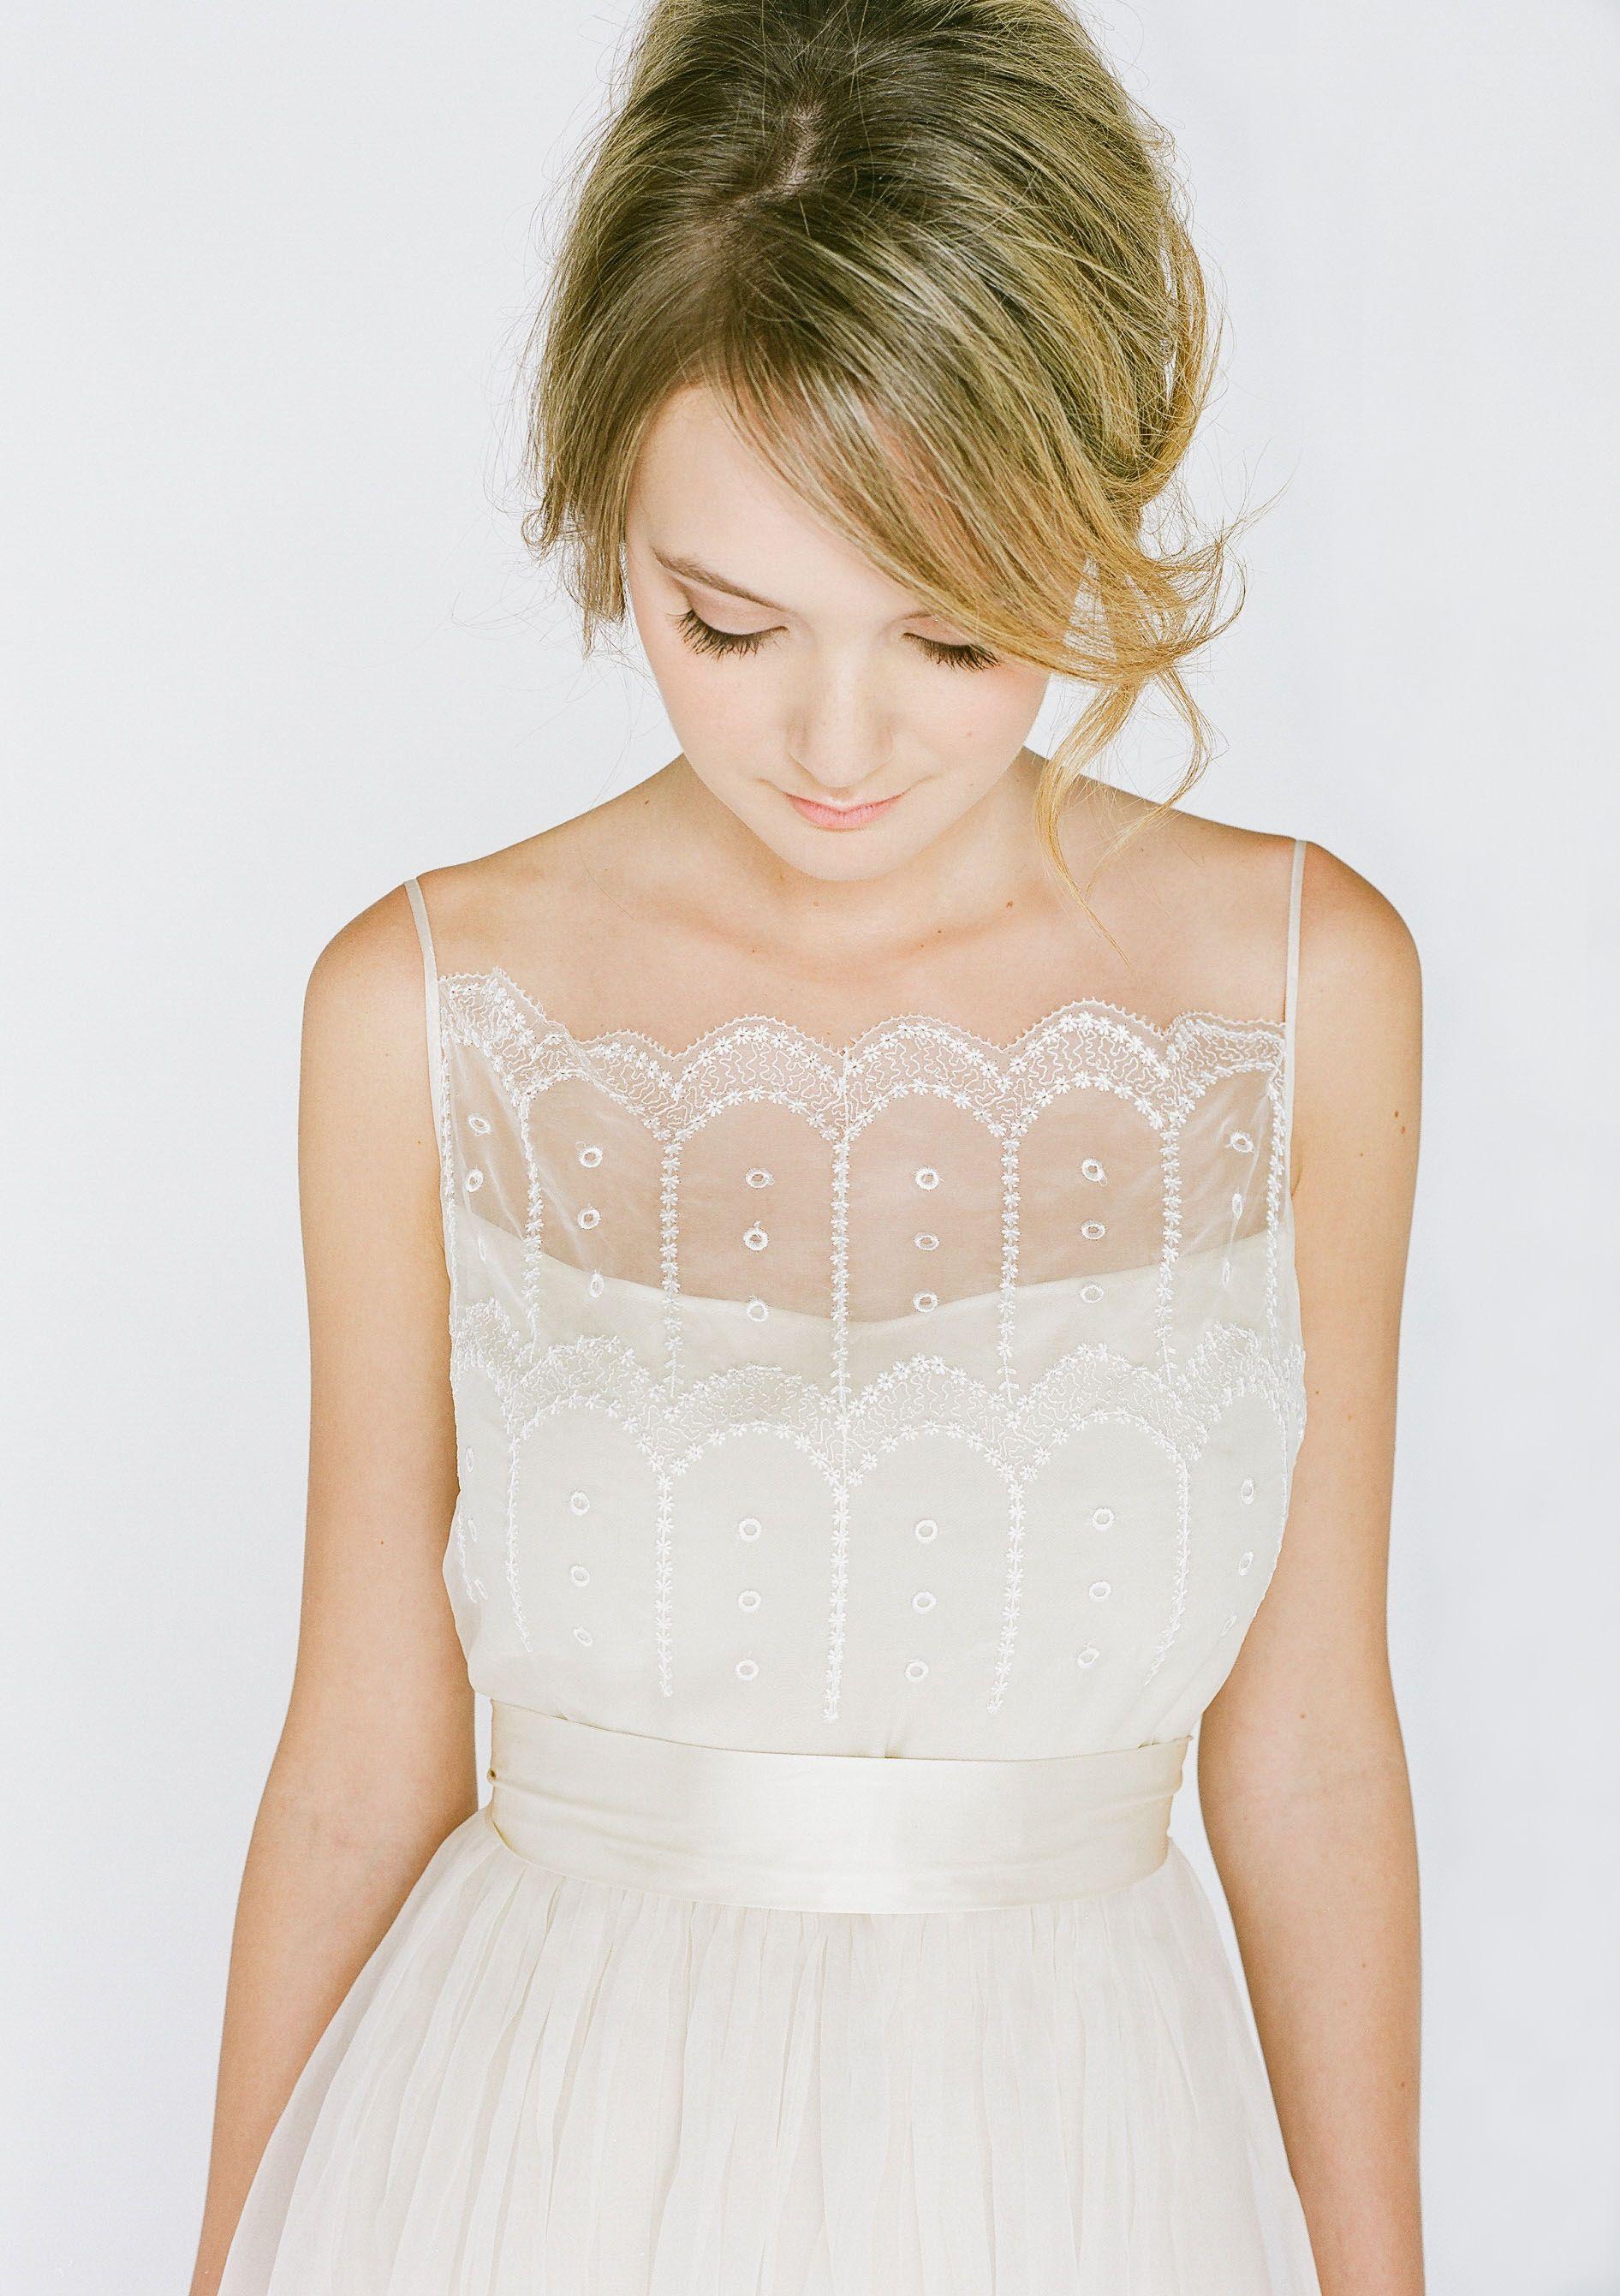 Vestido de Novia - Pretty lace neckline - Precioso encaje y escote